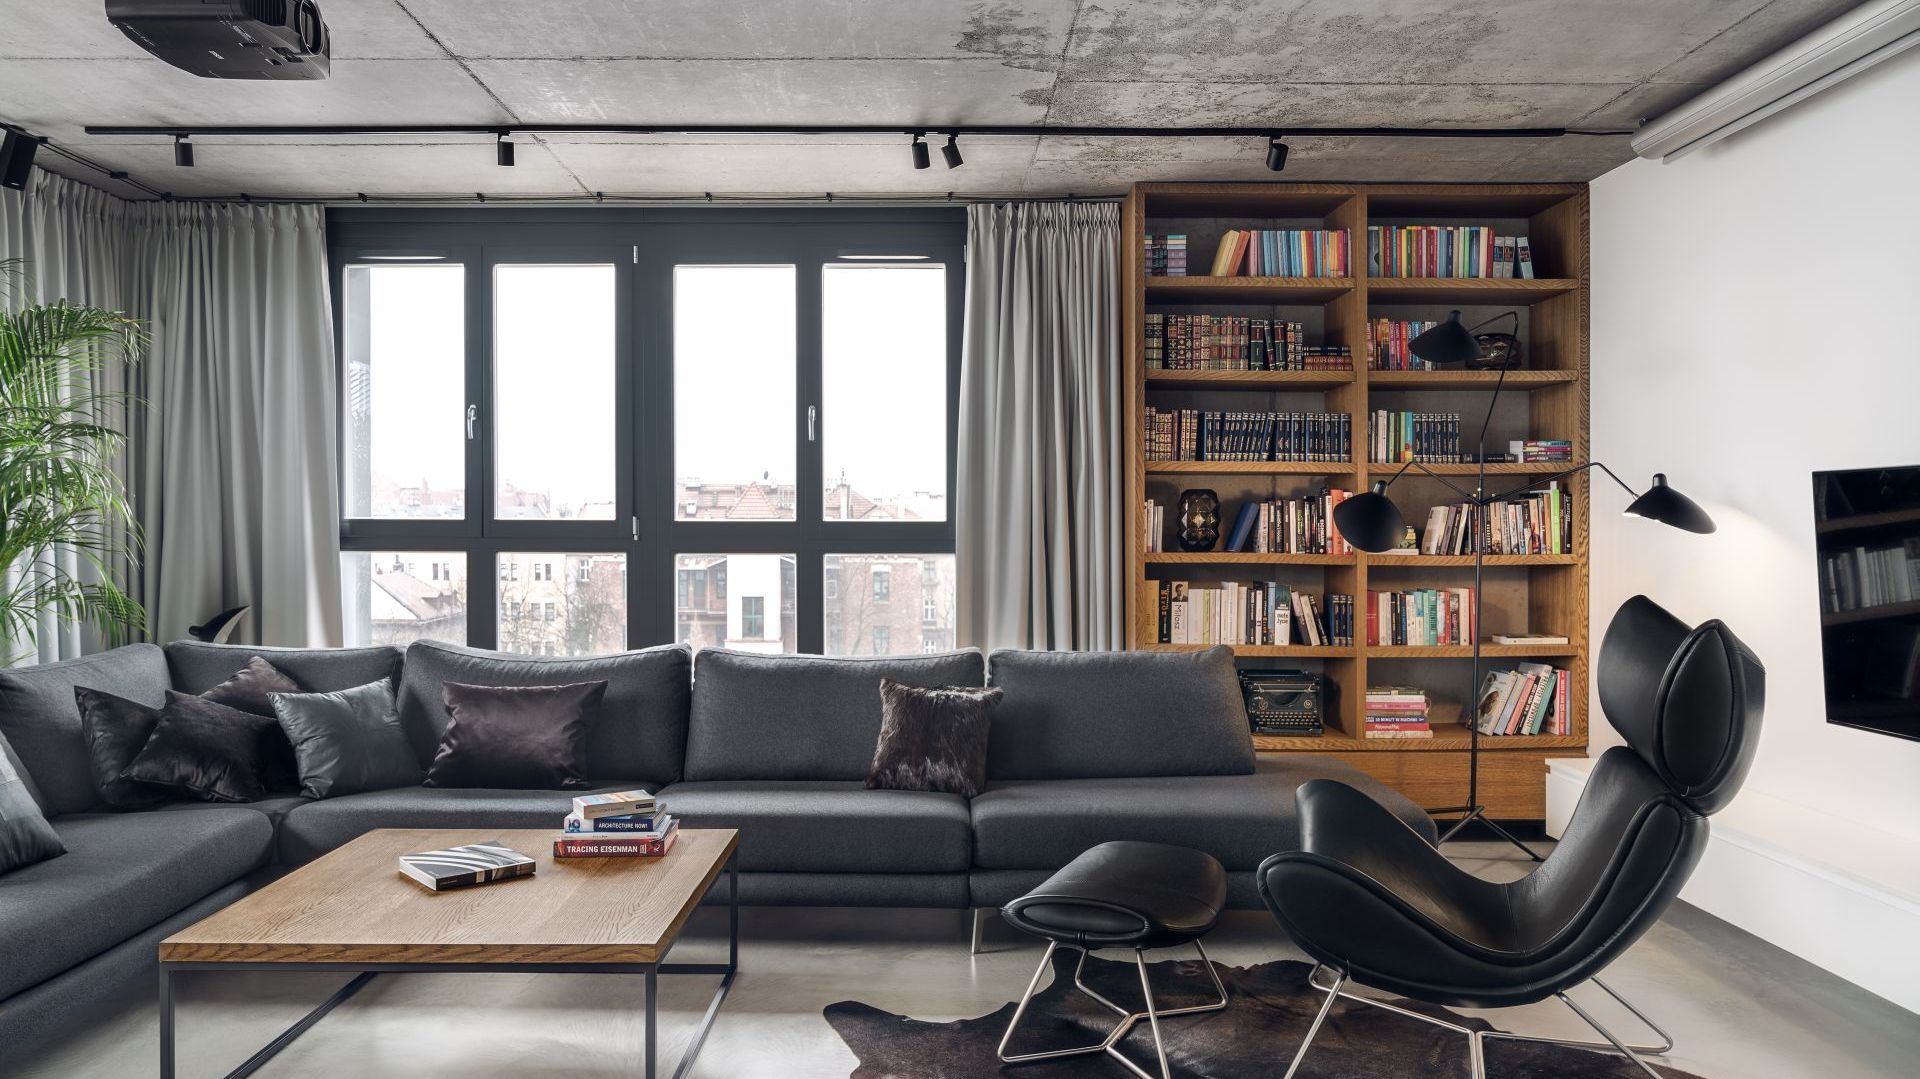 Drewniana otwarta szafa na ścianie za kanapą zapewnia spora ilość miejsc na domową biblioteczkę. Projekt: BLACKHAUS Karol Ciepliński Architekt. Fot. Tom Kurek